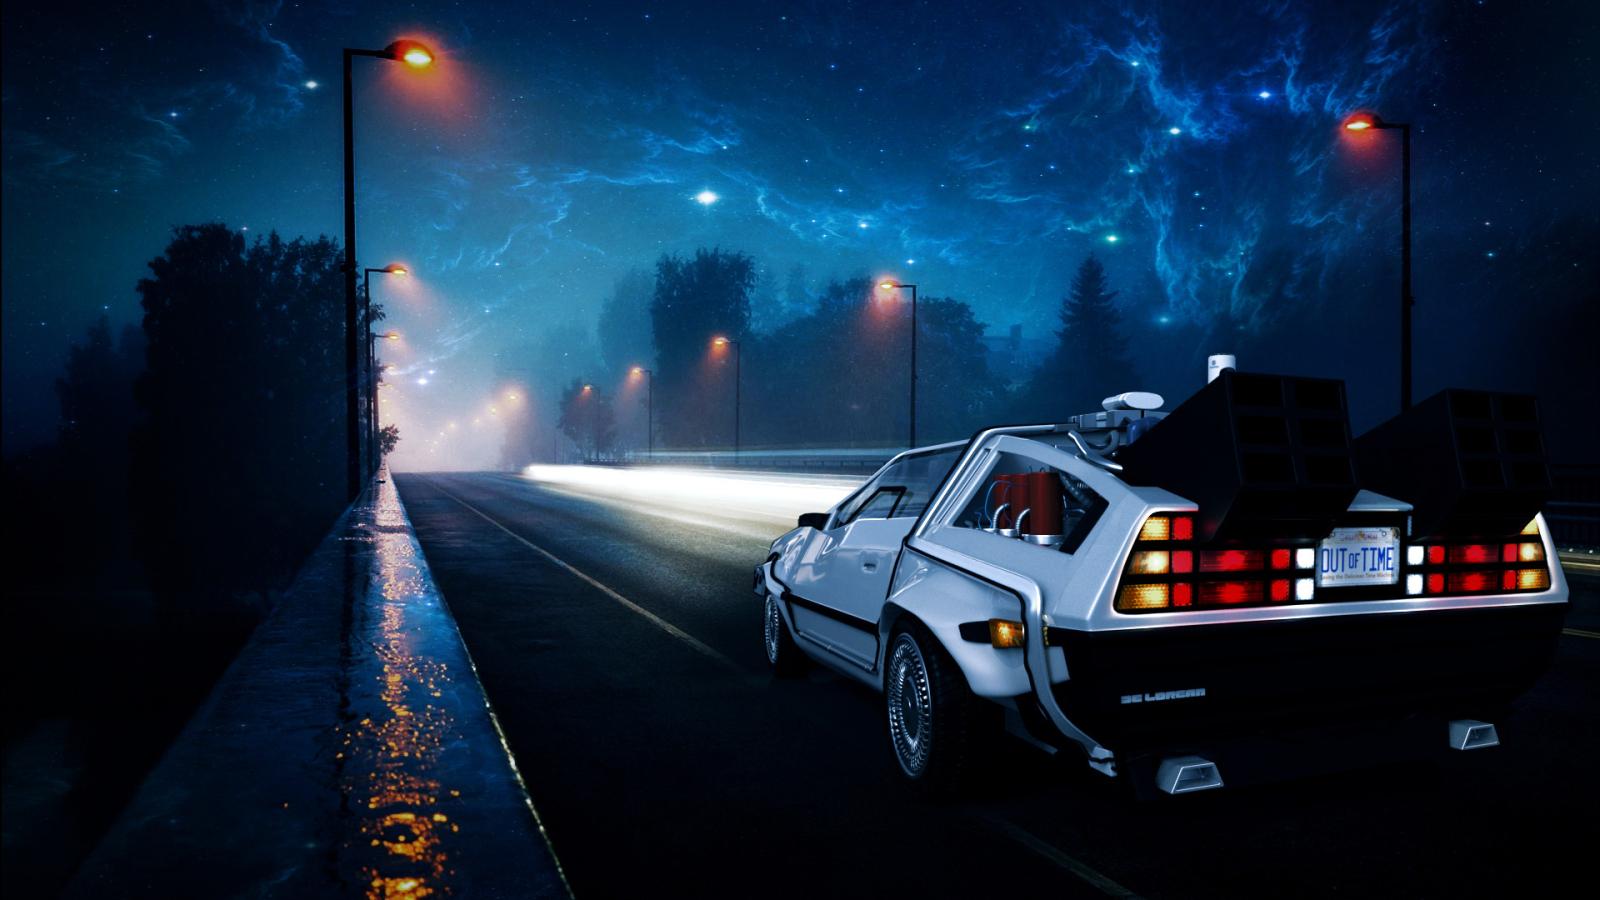 1600x900 Back to the Future DeLorean Car Illustration ...